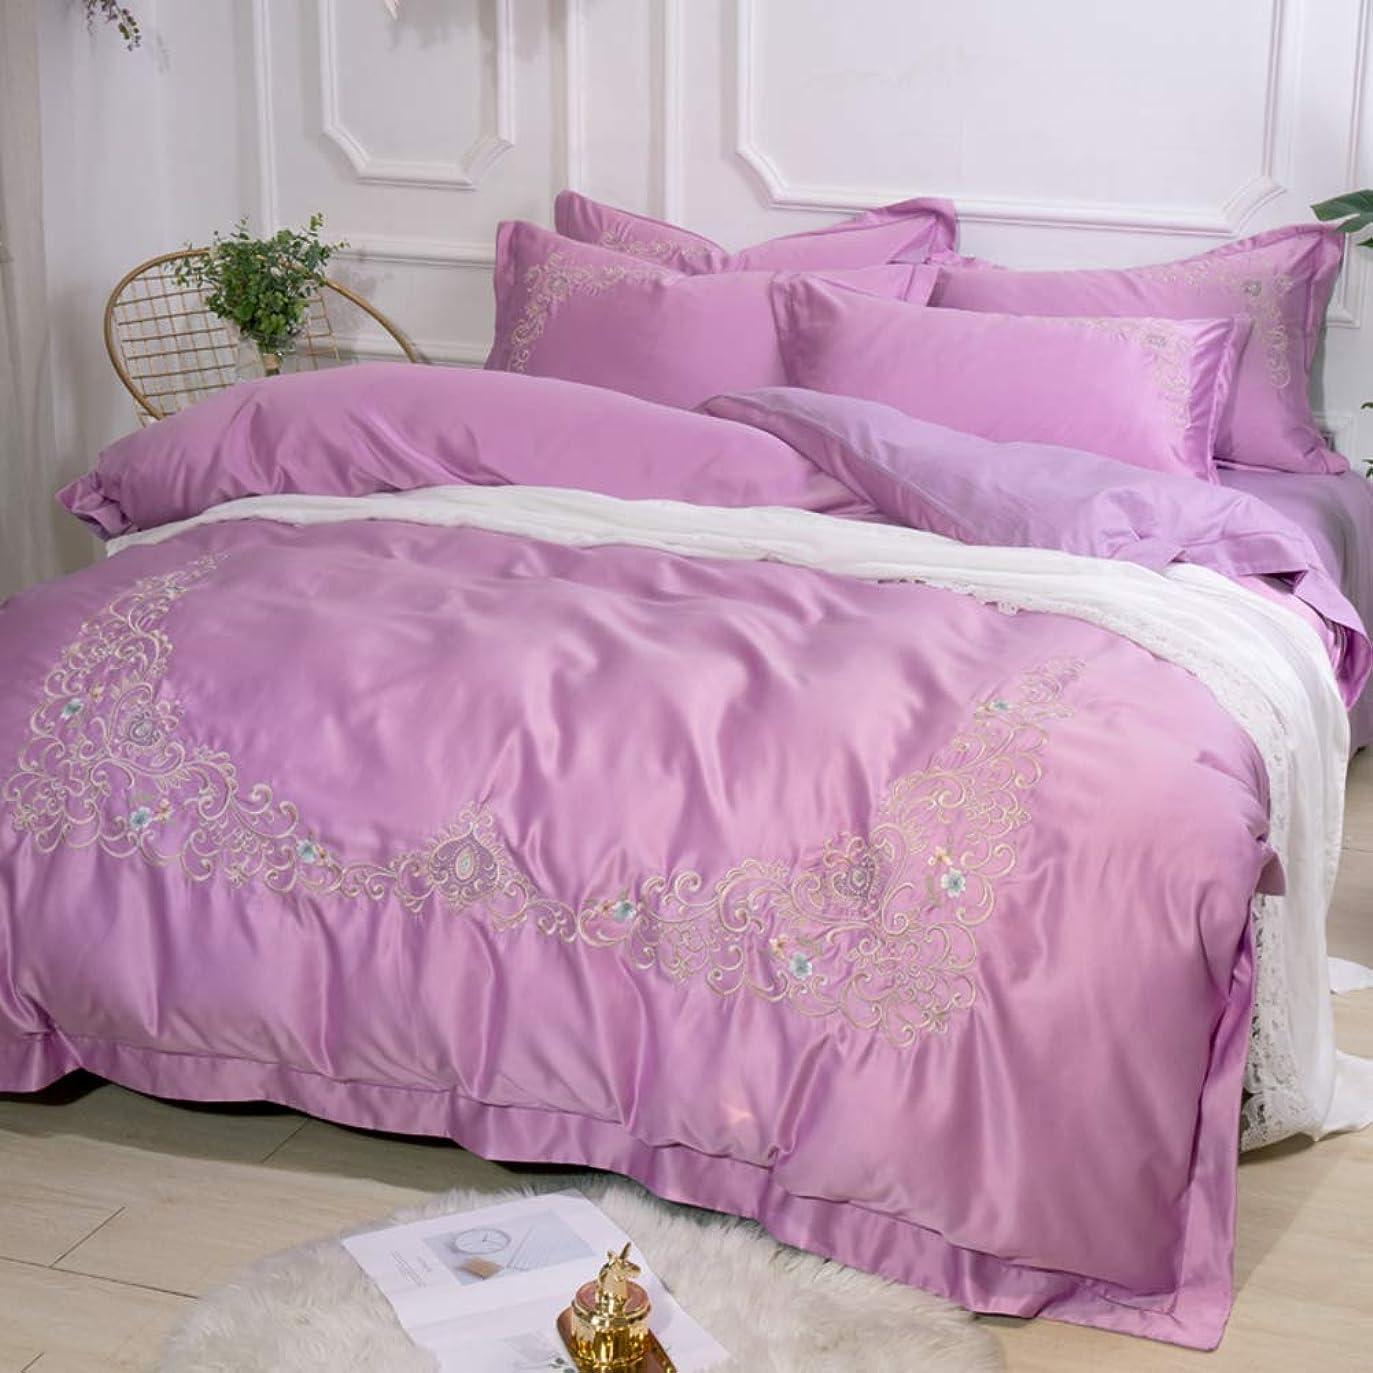 拘束浸漬意志に反するシルク 刺繍 綿サテン 寝具カバーセット, 4 ピース ジャカード ソフト 快適 綿 夏 クールな 肌-フレンドリー 寝具ベッド ファスナー付け-v